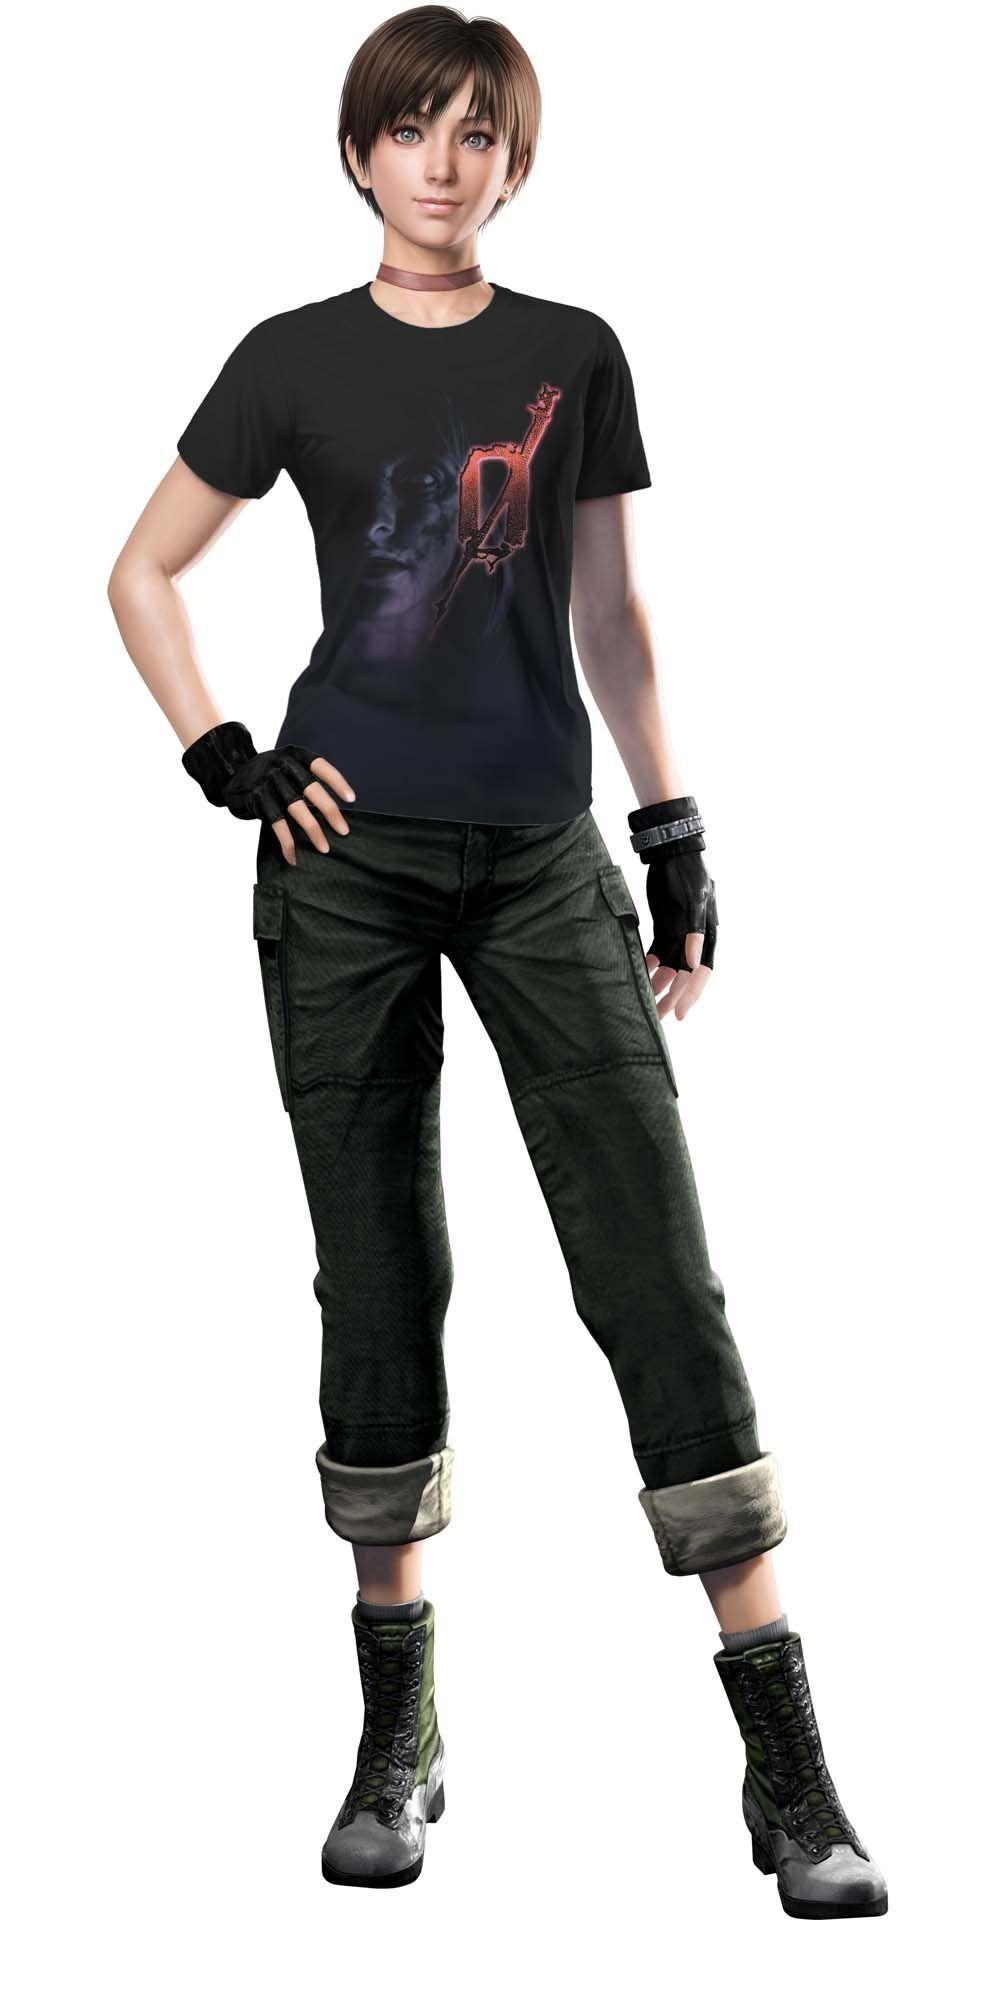 ¿Podría alguien hacer una mod de Rebecca con ropa casual para reemplazar a HUNK? 74abdd10